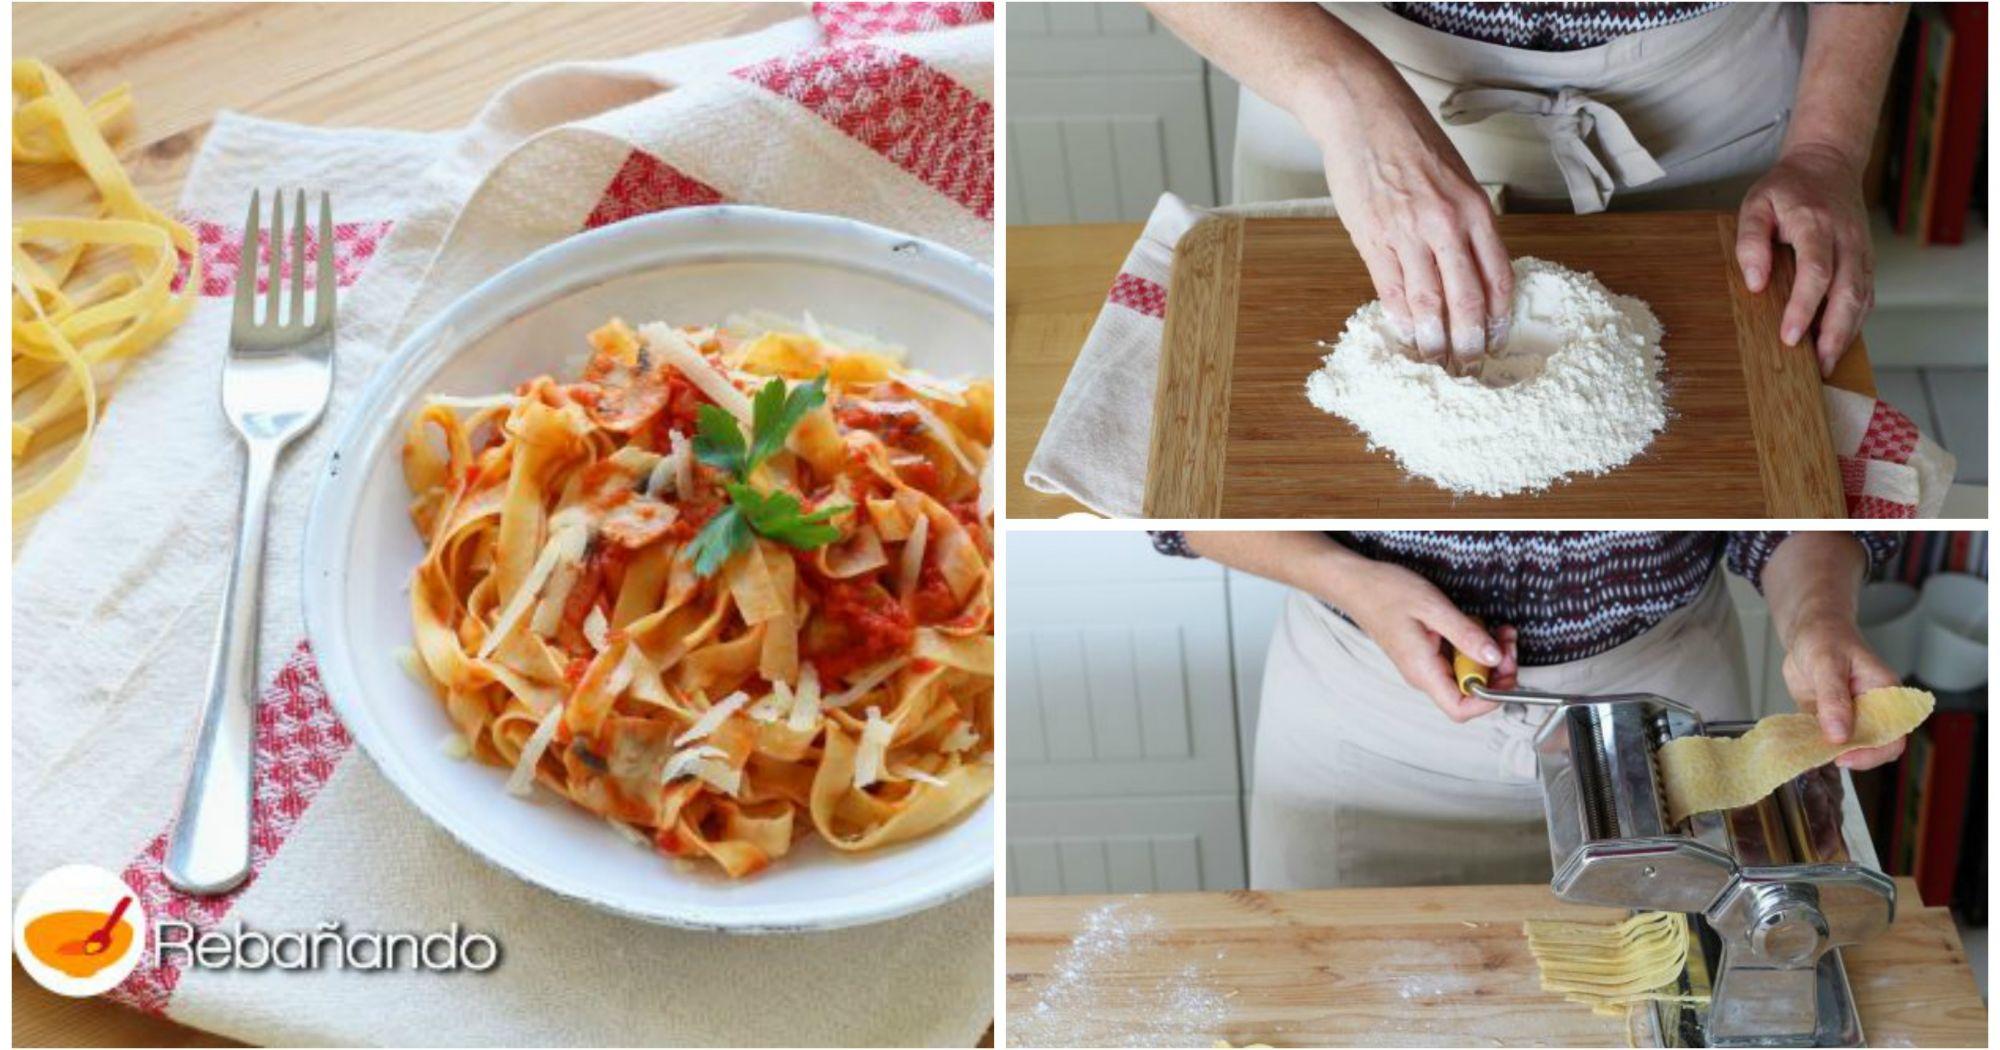 Eres un amante de la pasta aprende a hacer tagliatelle - Hacer pasta en casa ...